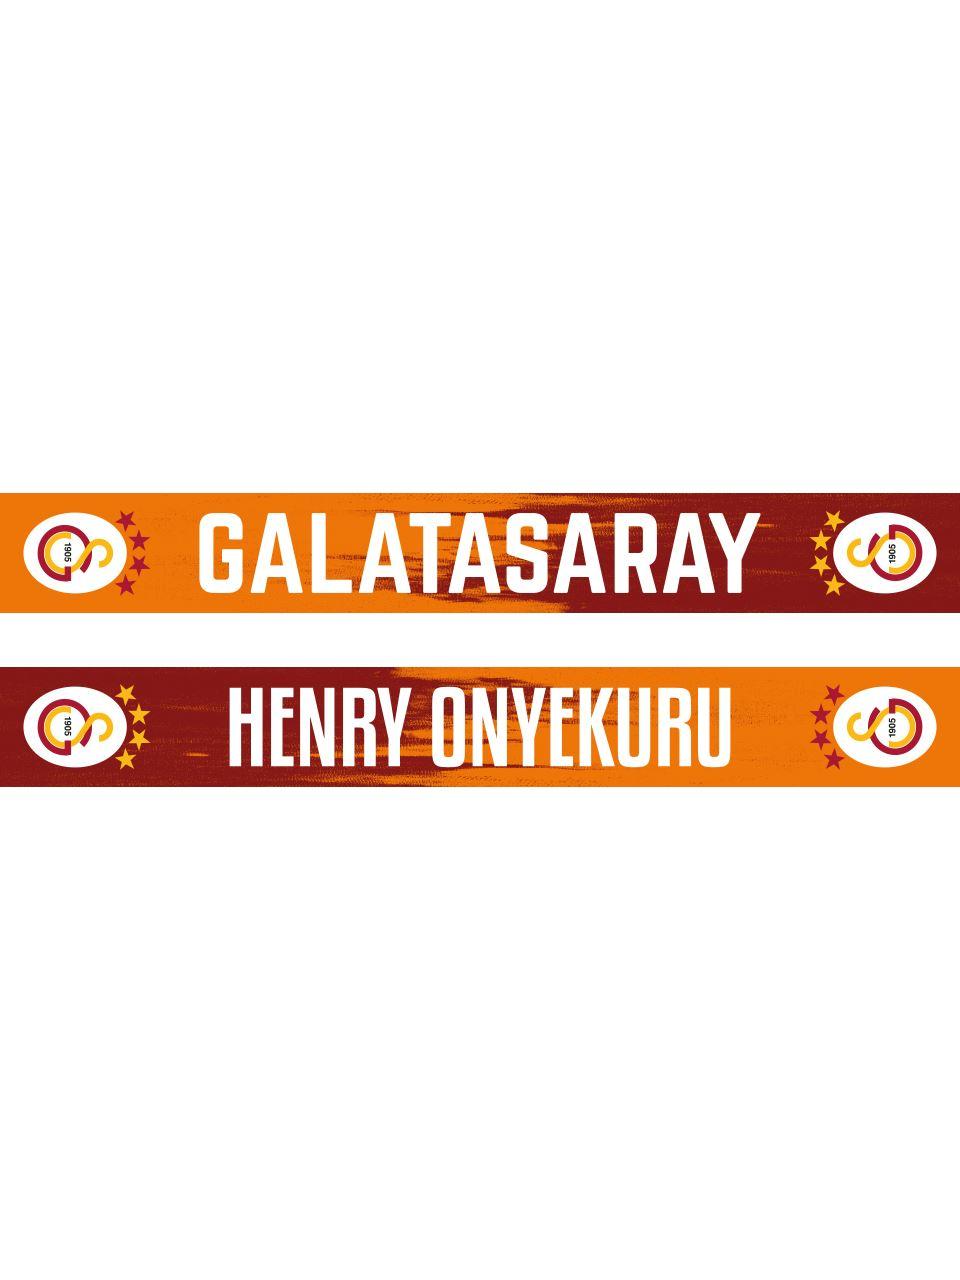 Henry Onyekuru Galatasaray Şal Atkı U999023